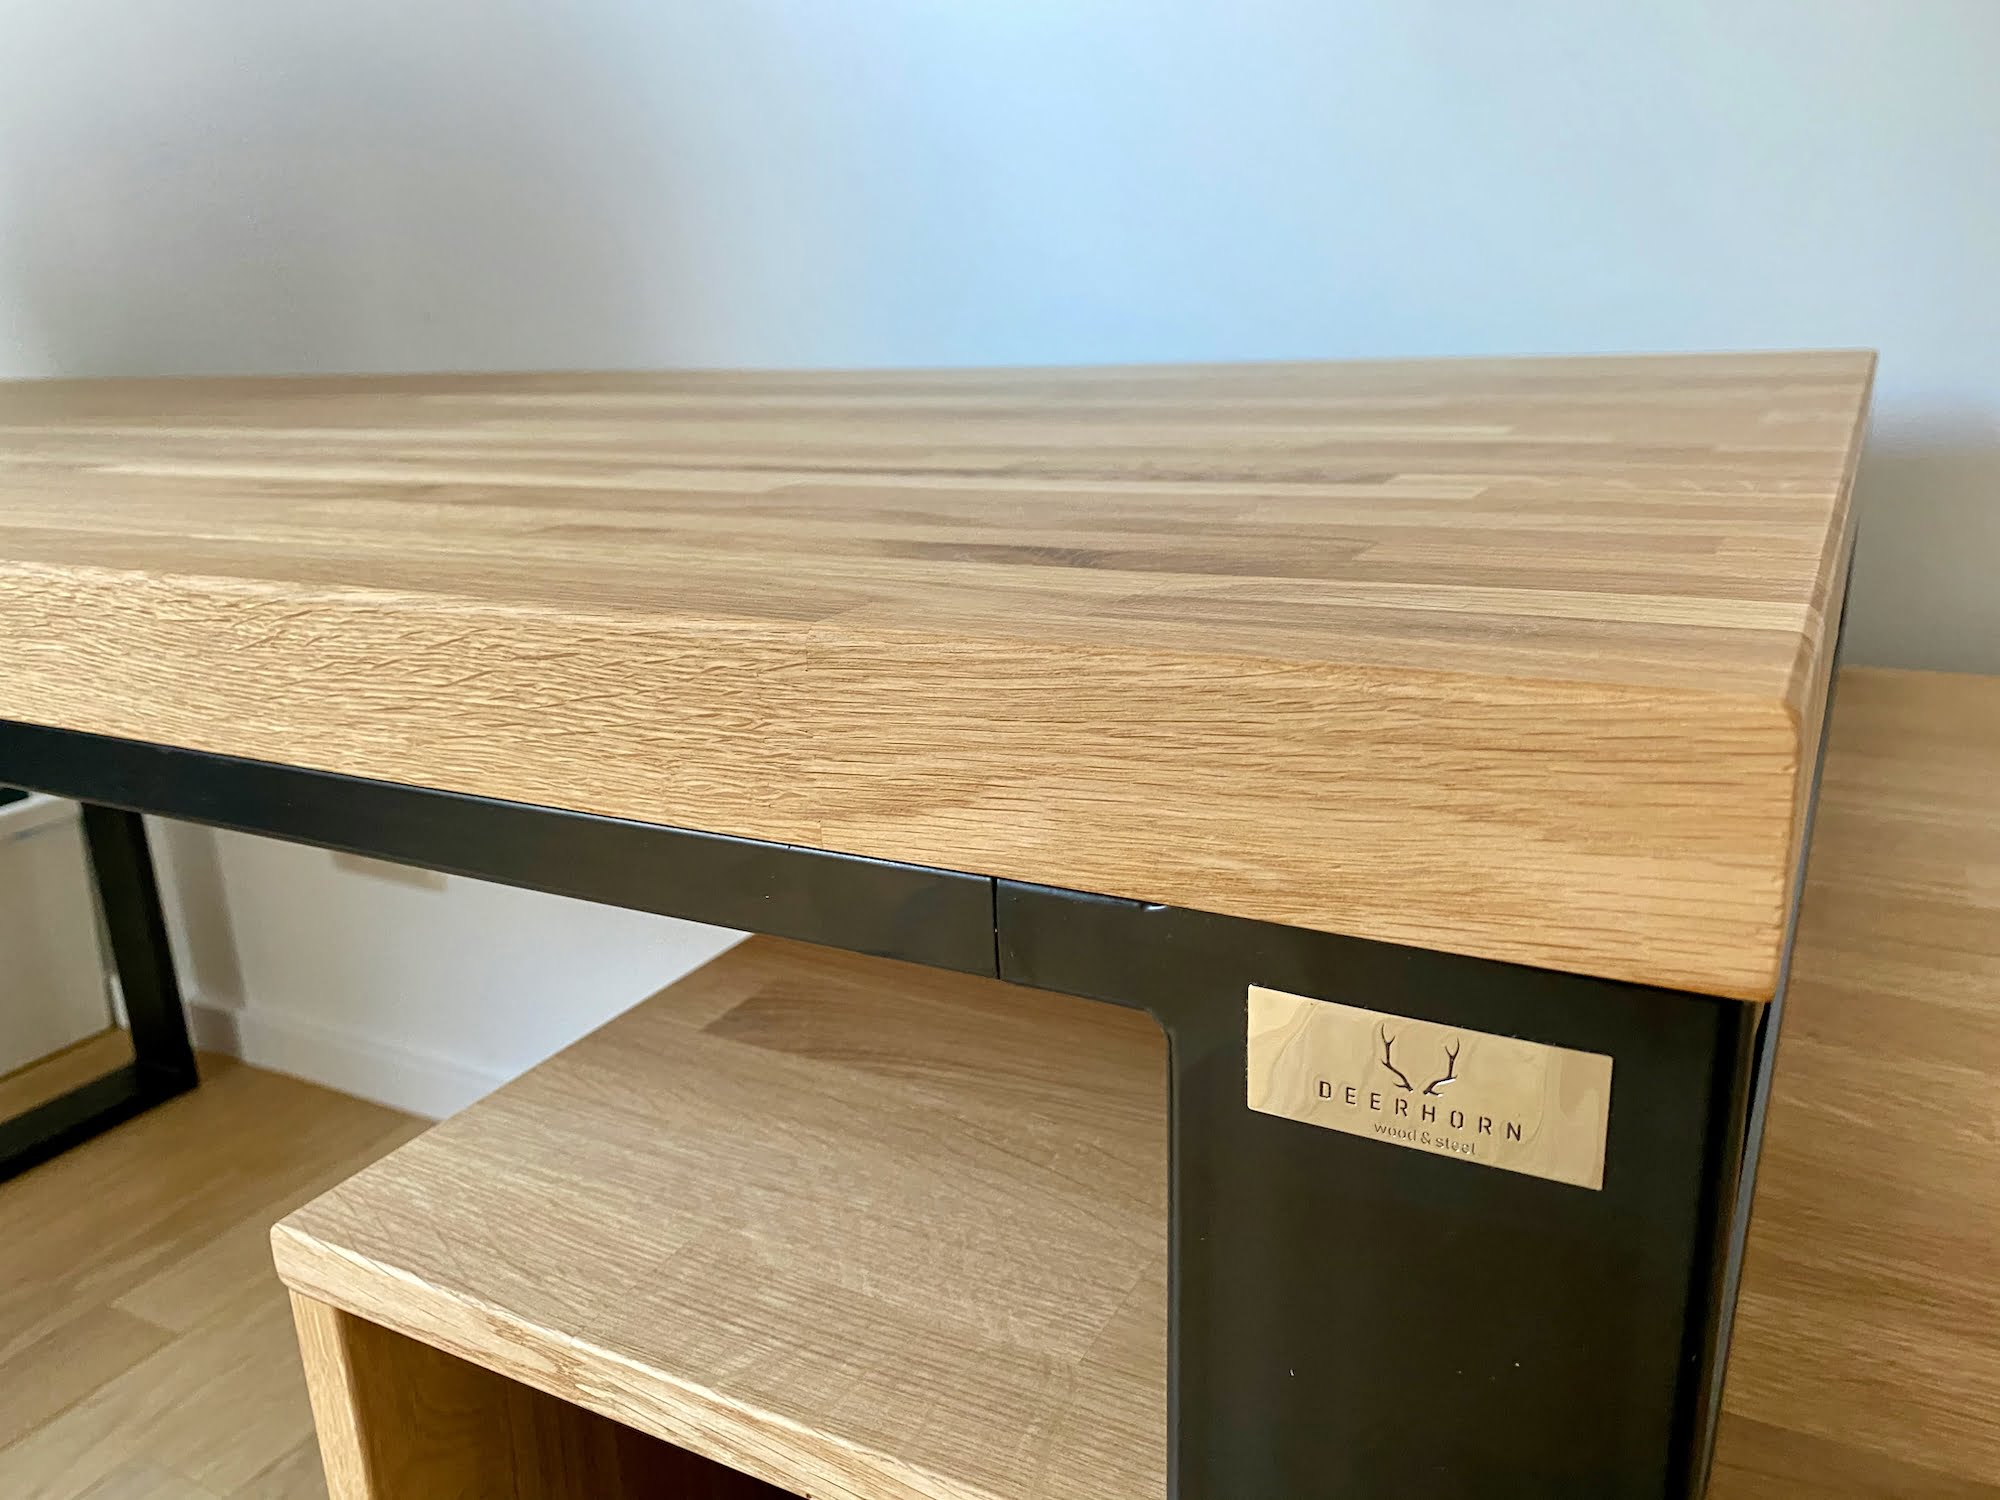 biurko zdrewna imetalu